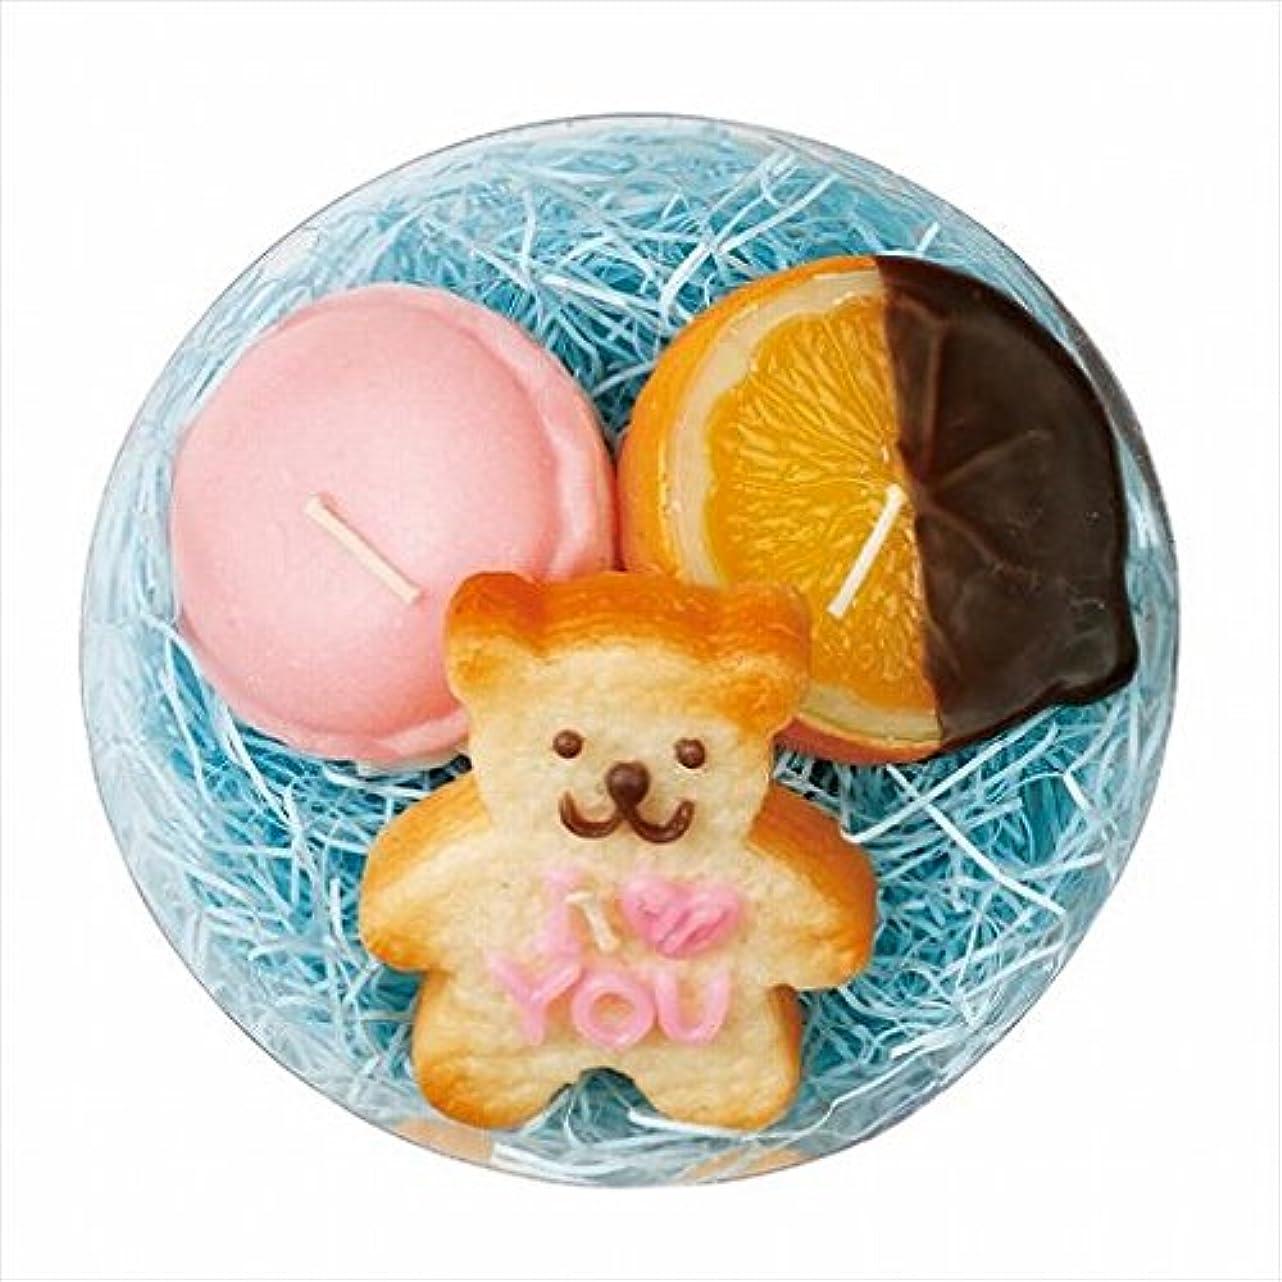 ドナウ川遠い資金sweets candle プチスイーツキャンドルセット 「 バニラベア 」